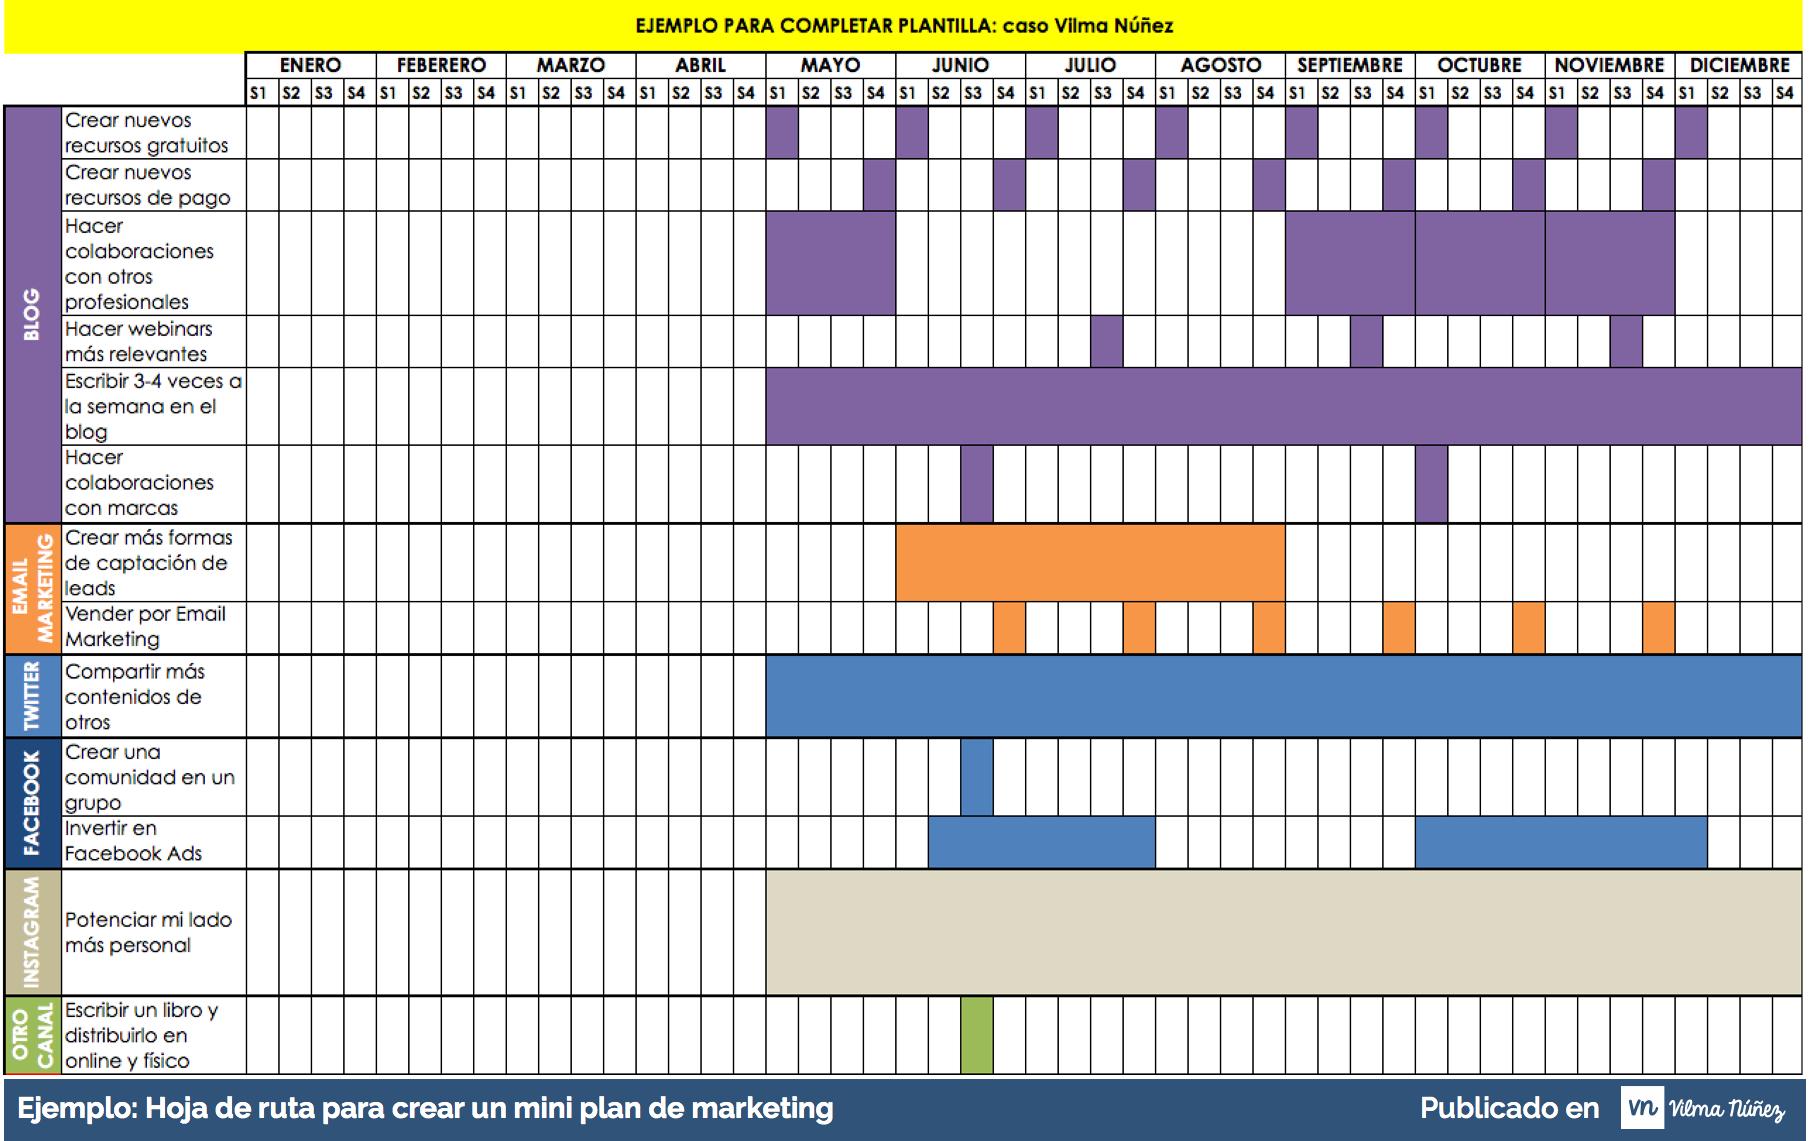 crear una estrategia de marketing online: calendario